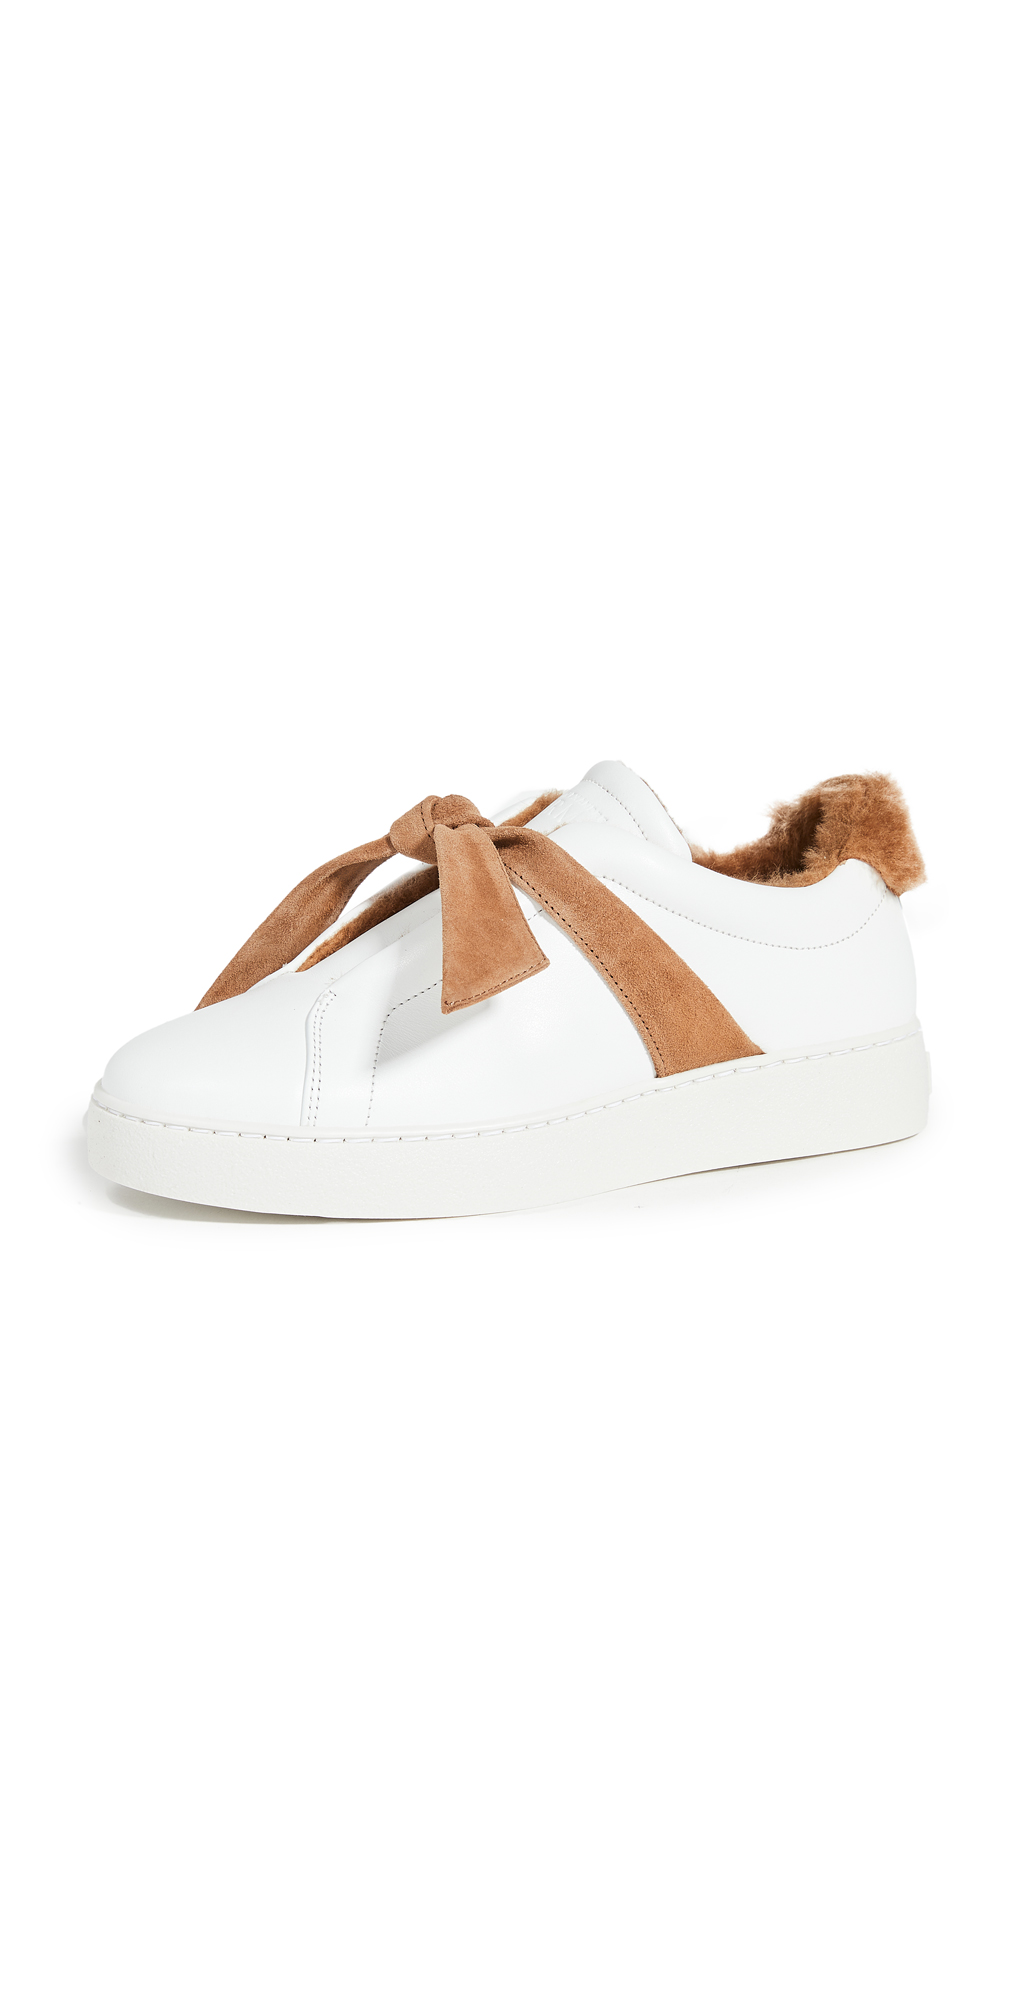 Alexandre Birman Clarita Shearling Sneakers